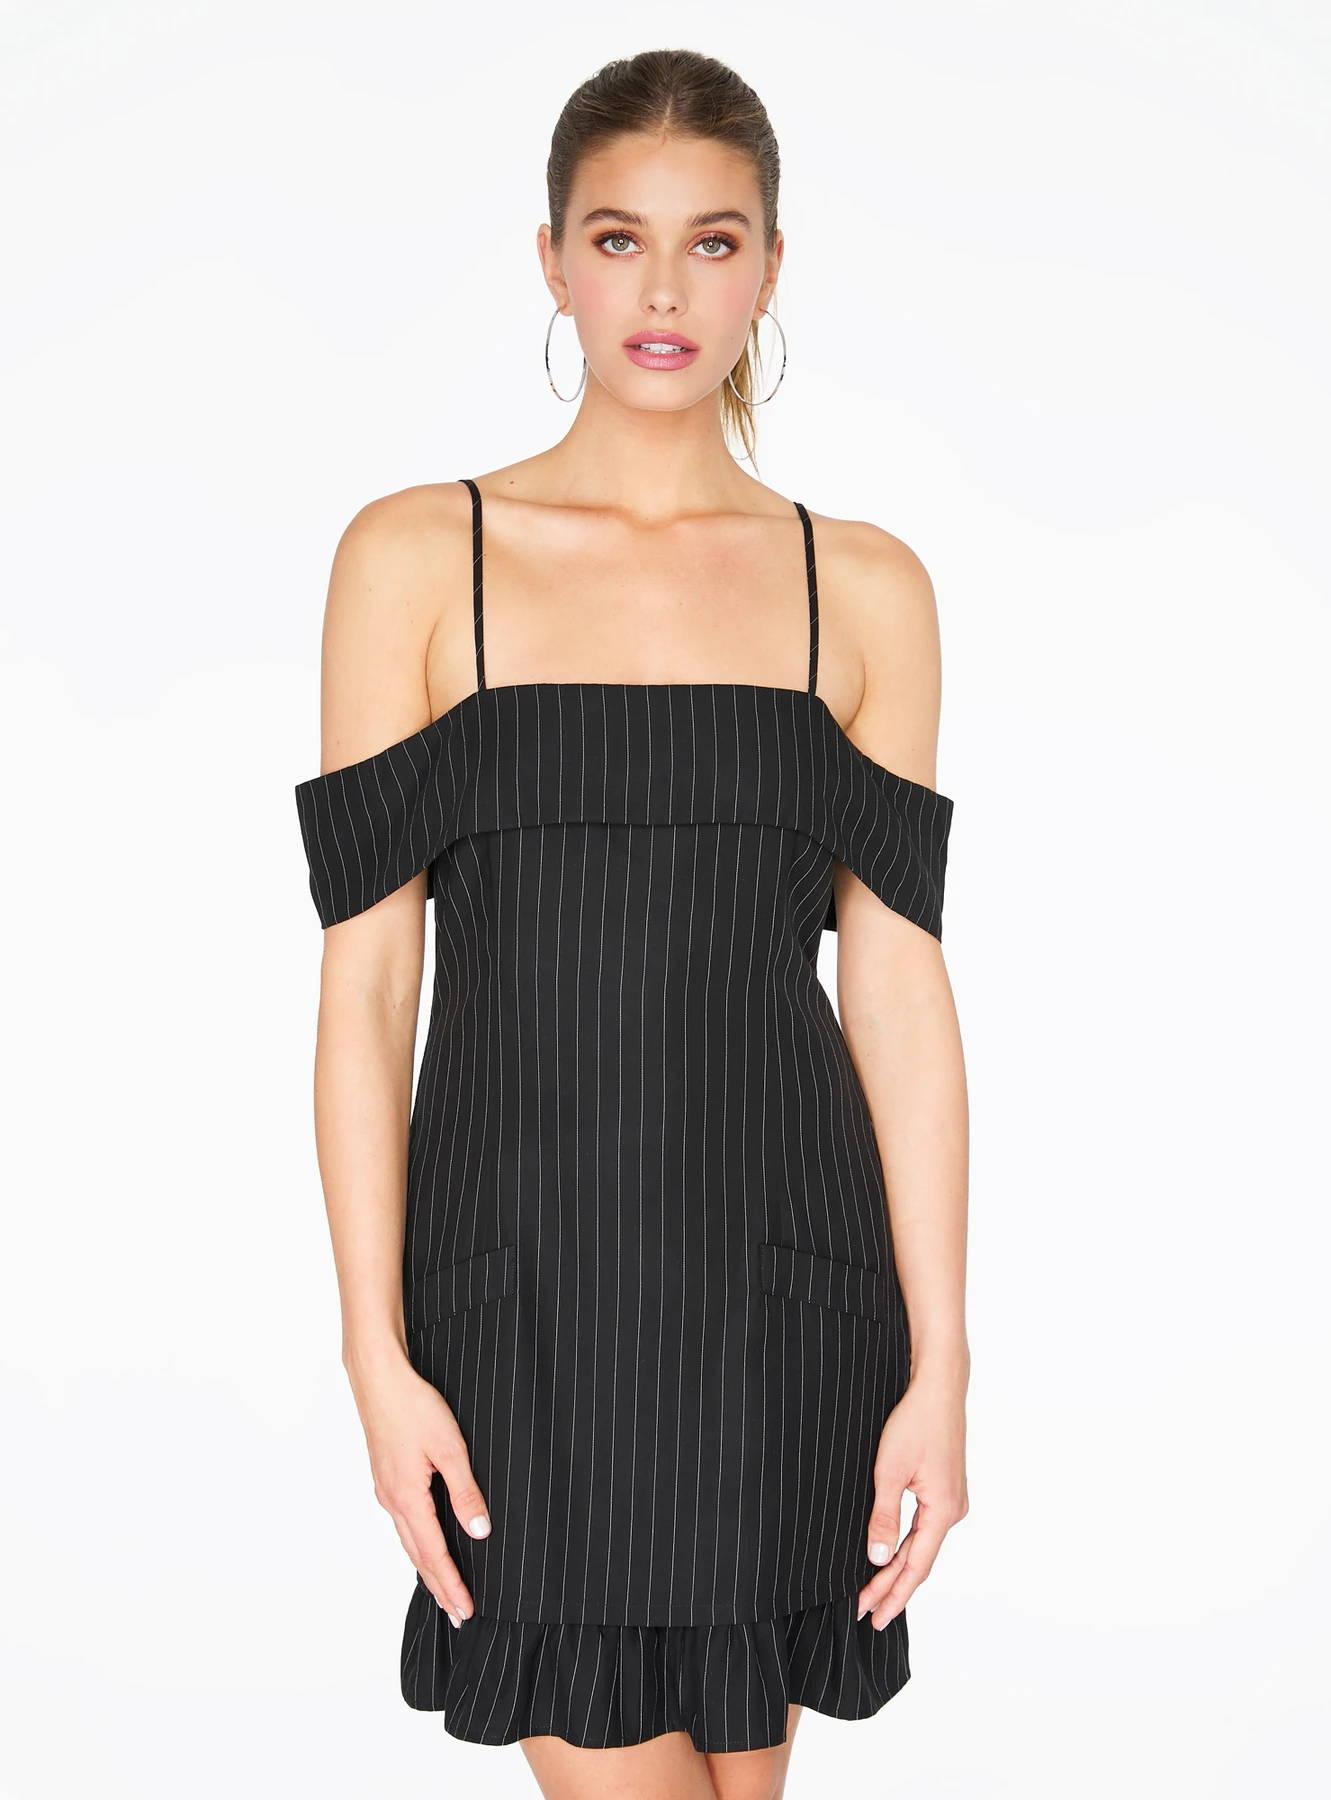 Striped Off the Shoulder Dress in Black